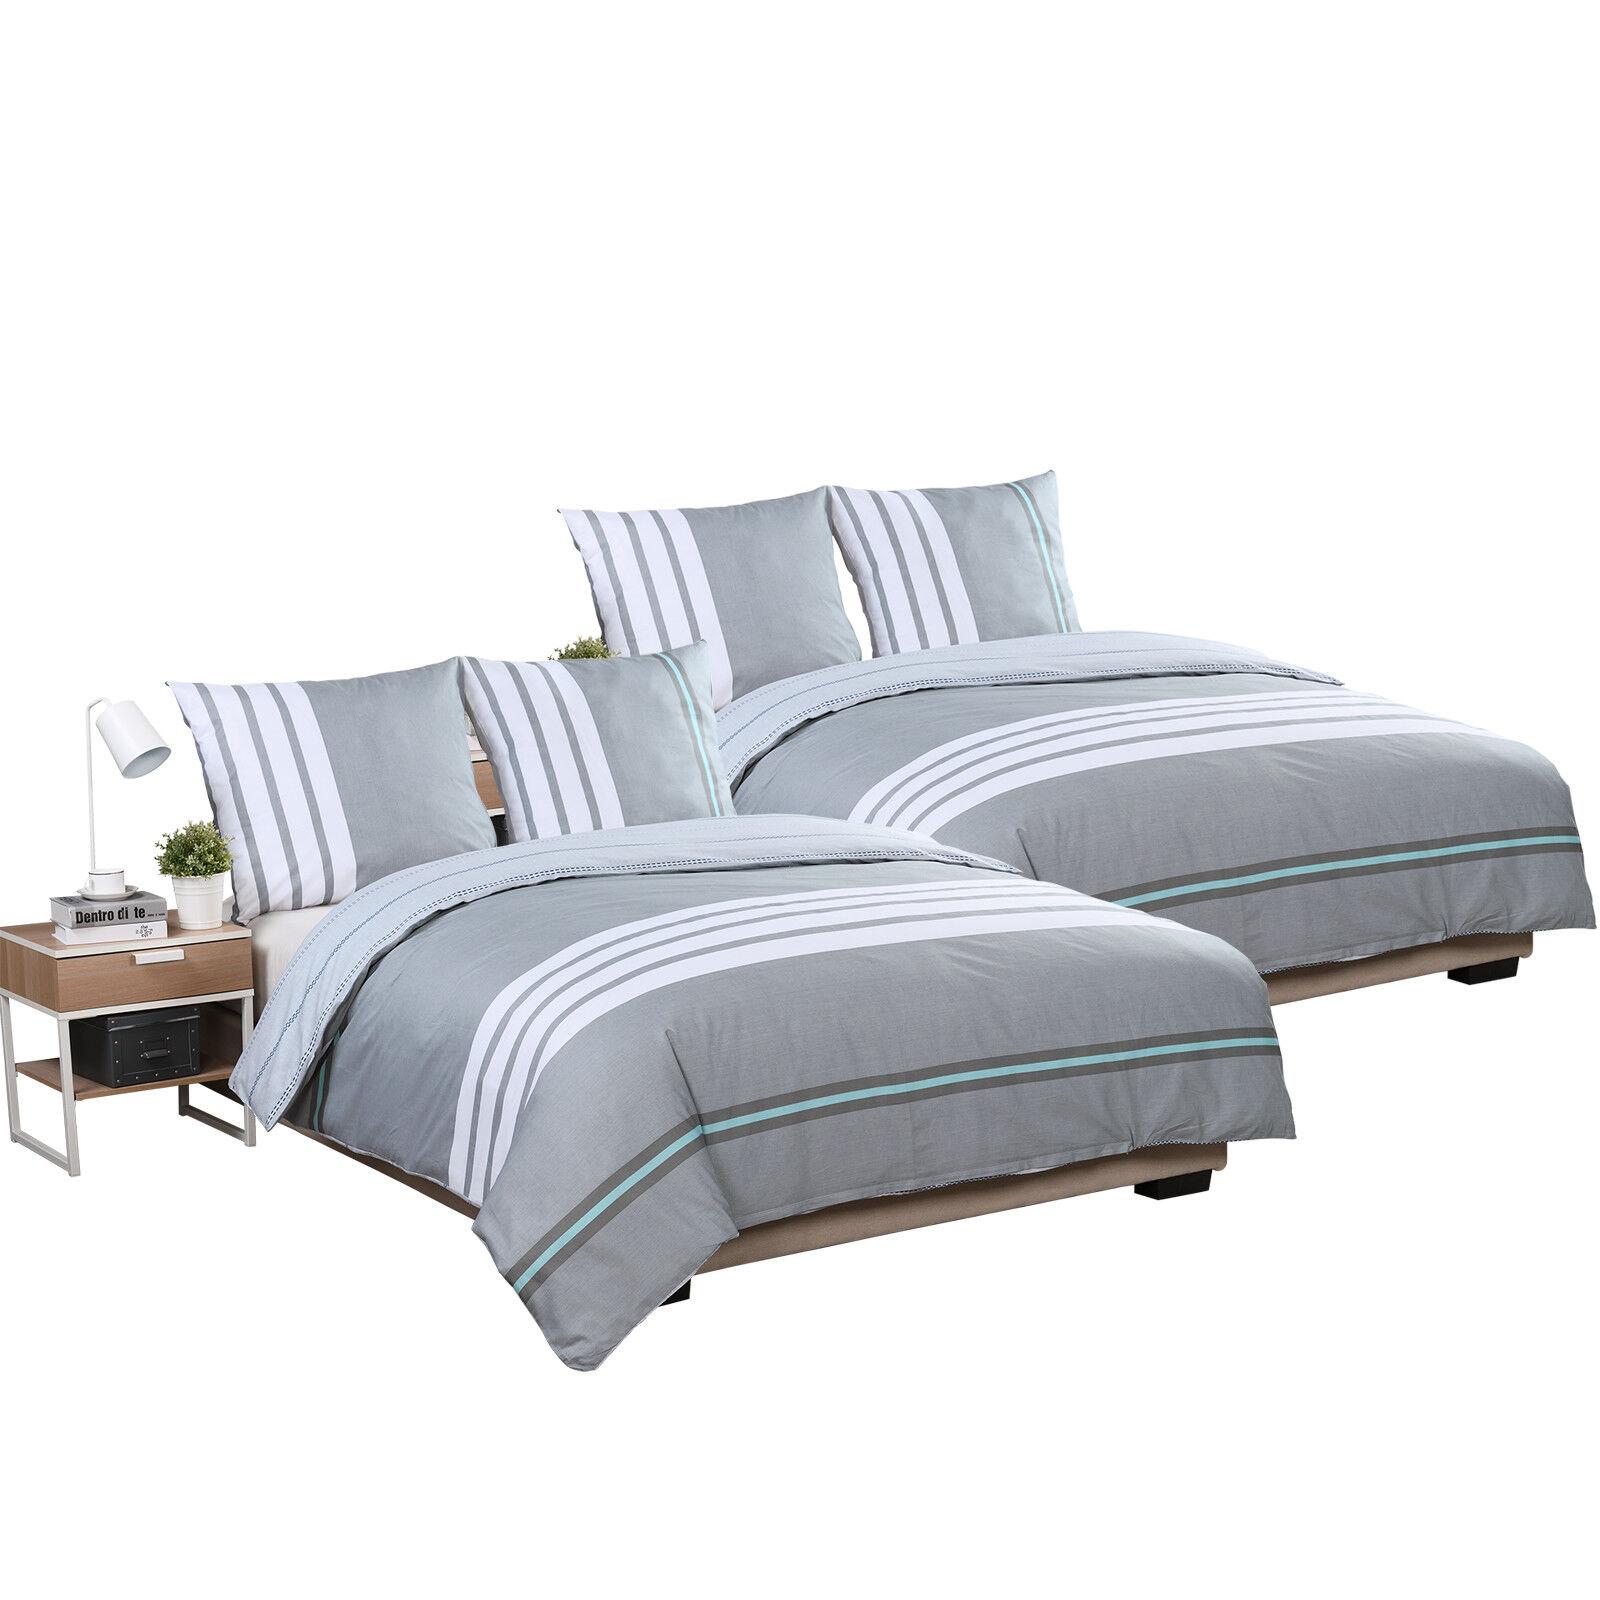 Bettwäsche Bettgarnitur Bettbezug Satin Baumwolle 155x220 cm 4teilig BWS01m02-2